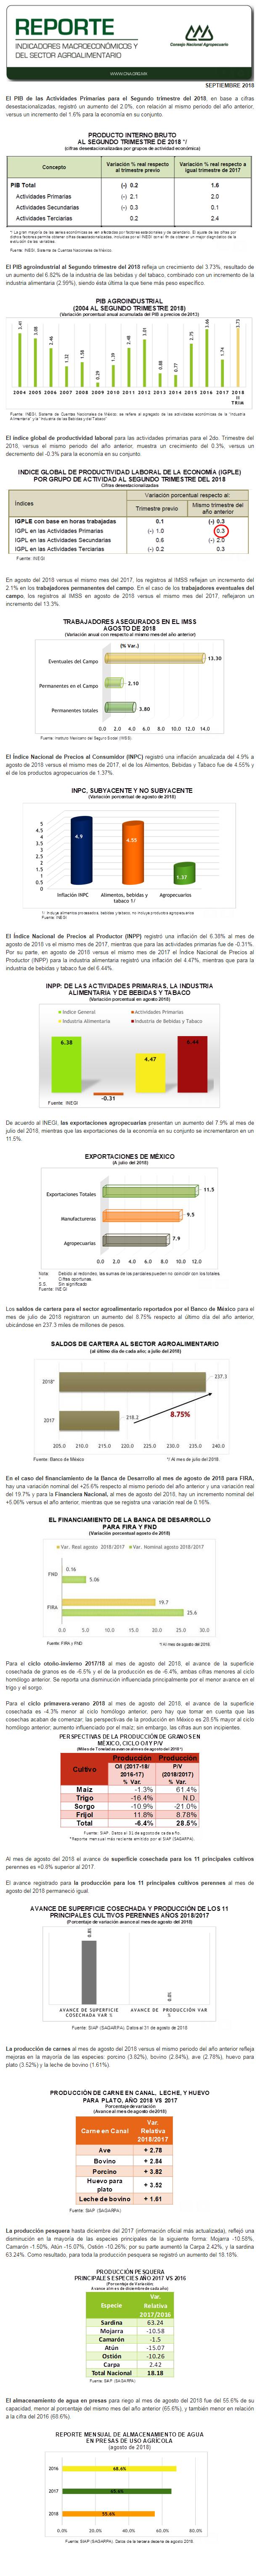 REPORTE DE INDICADORES MACROECONÓMICOS Y SECTORIALES DEL MES DE SEPTIEMBRE DEL 2018